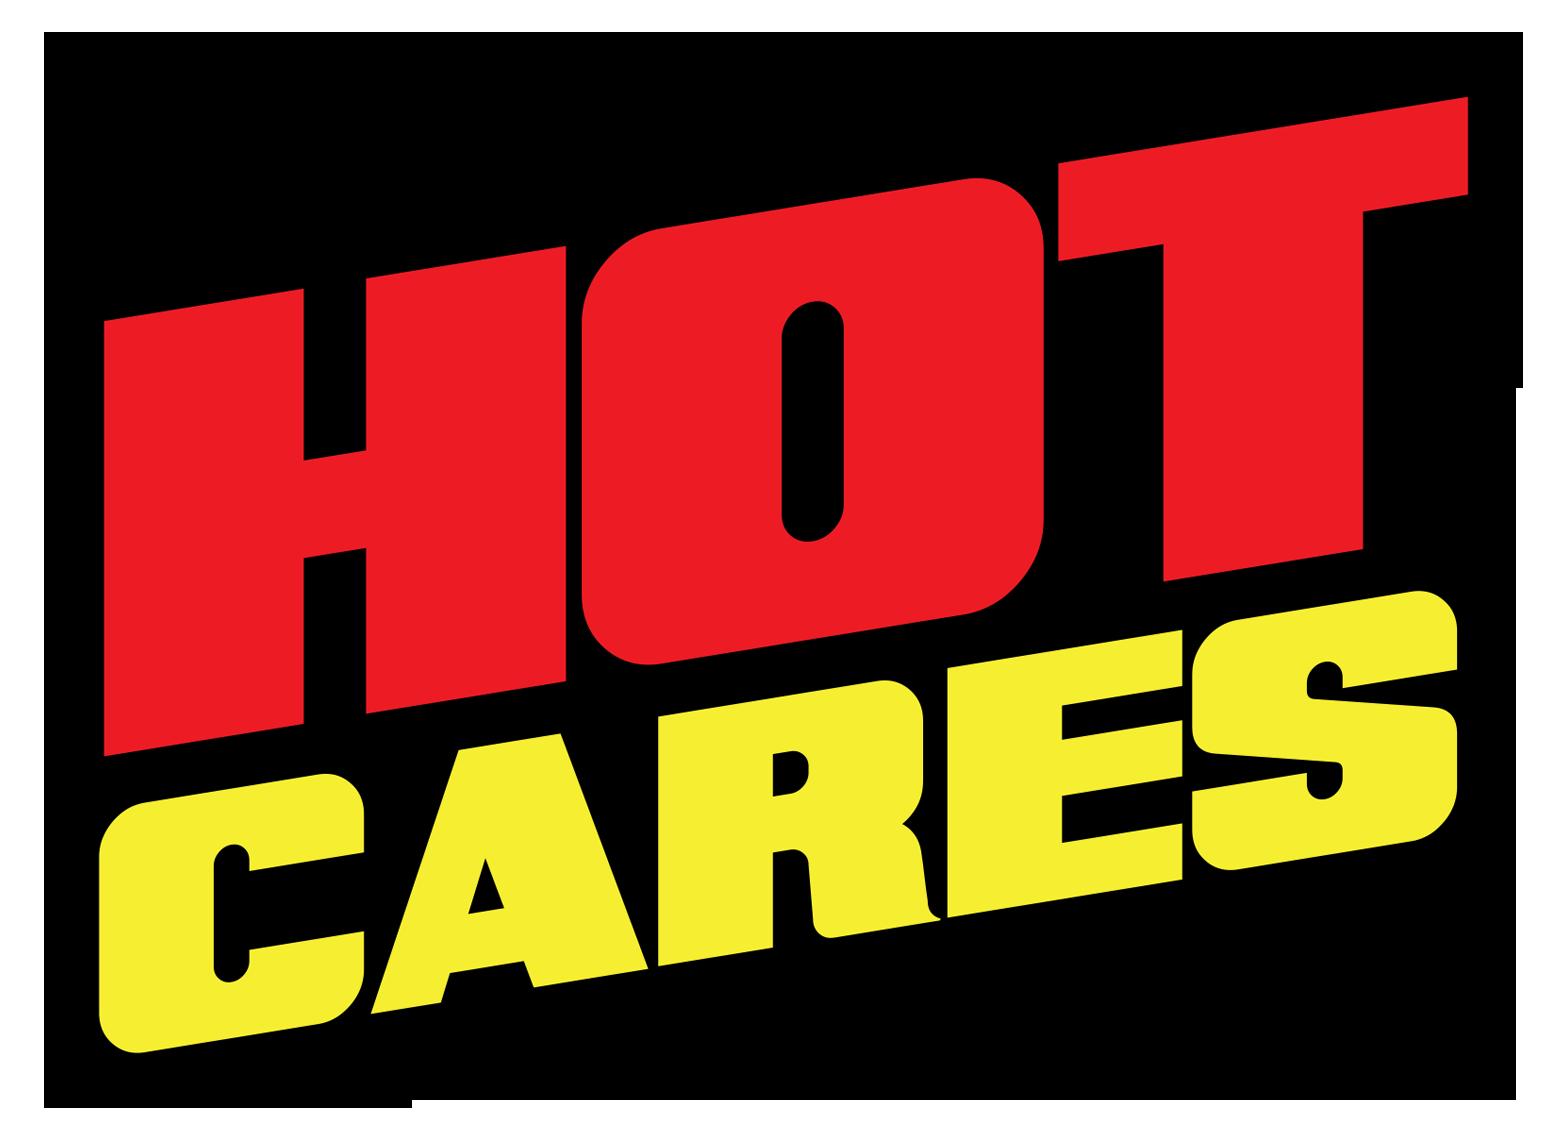 Hot Cares